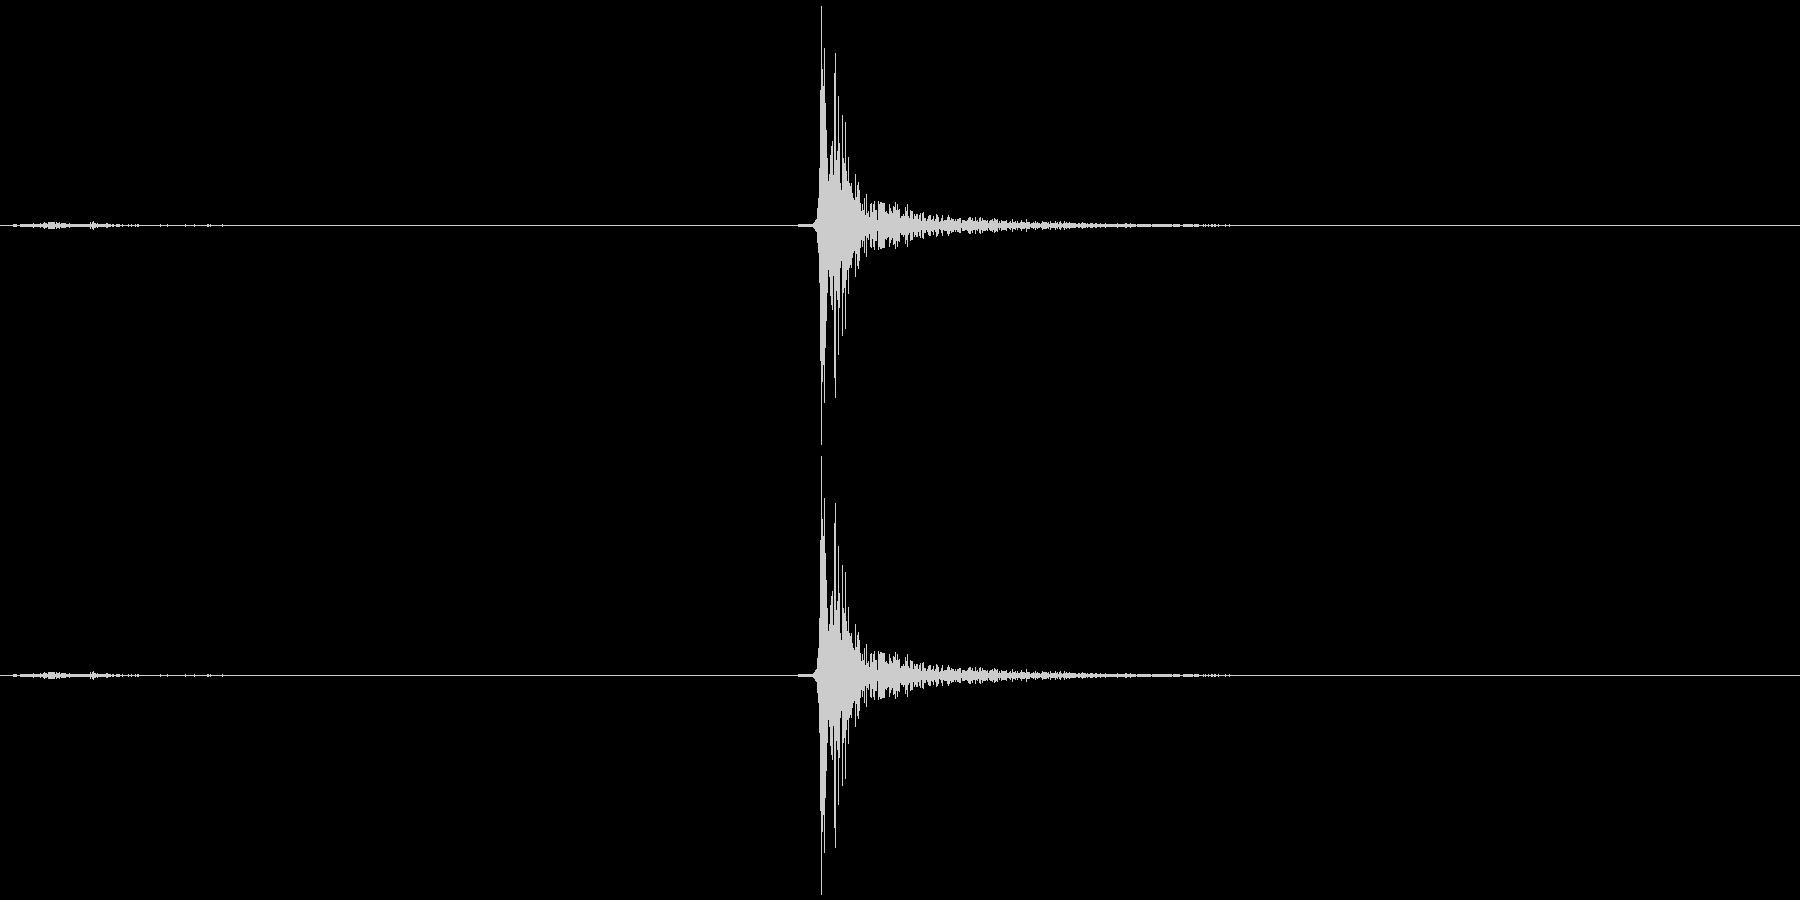 バネ付きラッチ付きビニールスライド...の未再生の波形